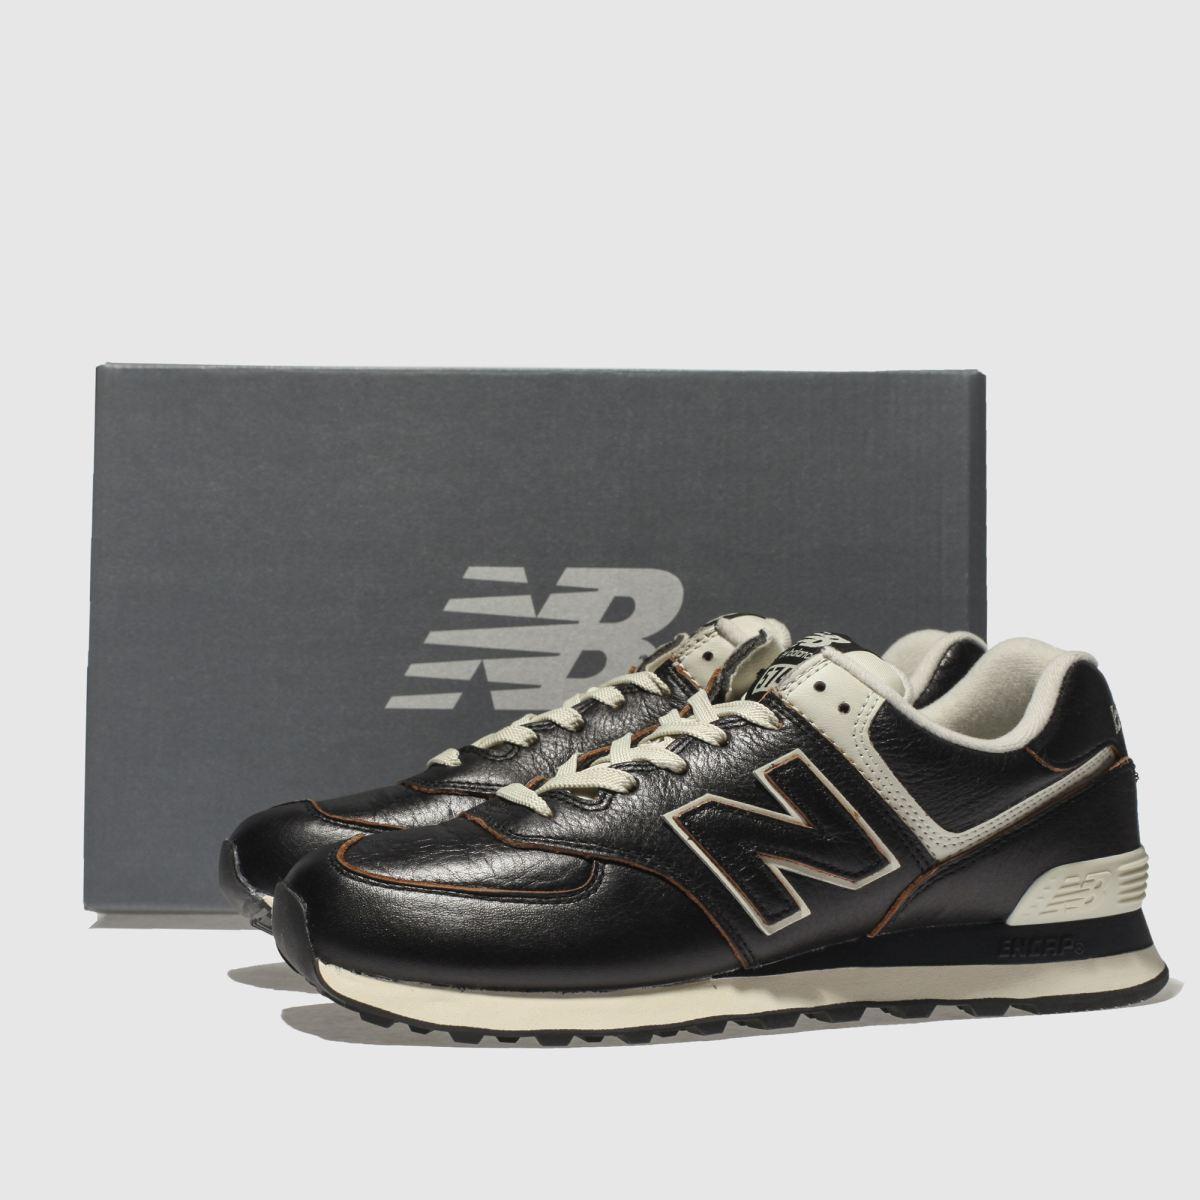 Herren Schwarz new balance 574 Qualität Sneaker | schuh Gute Qualität 574 beliebte Schuhe 5fef15